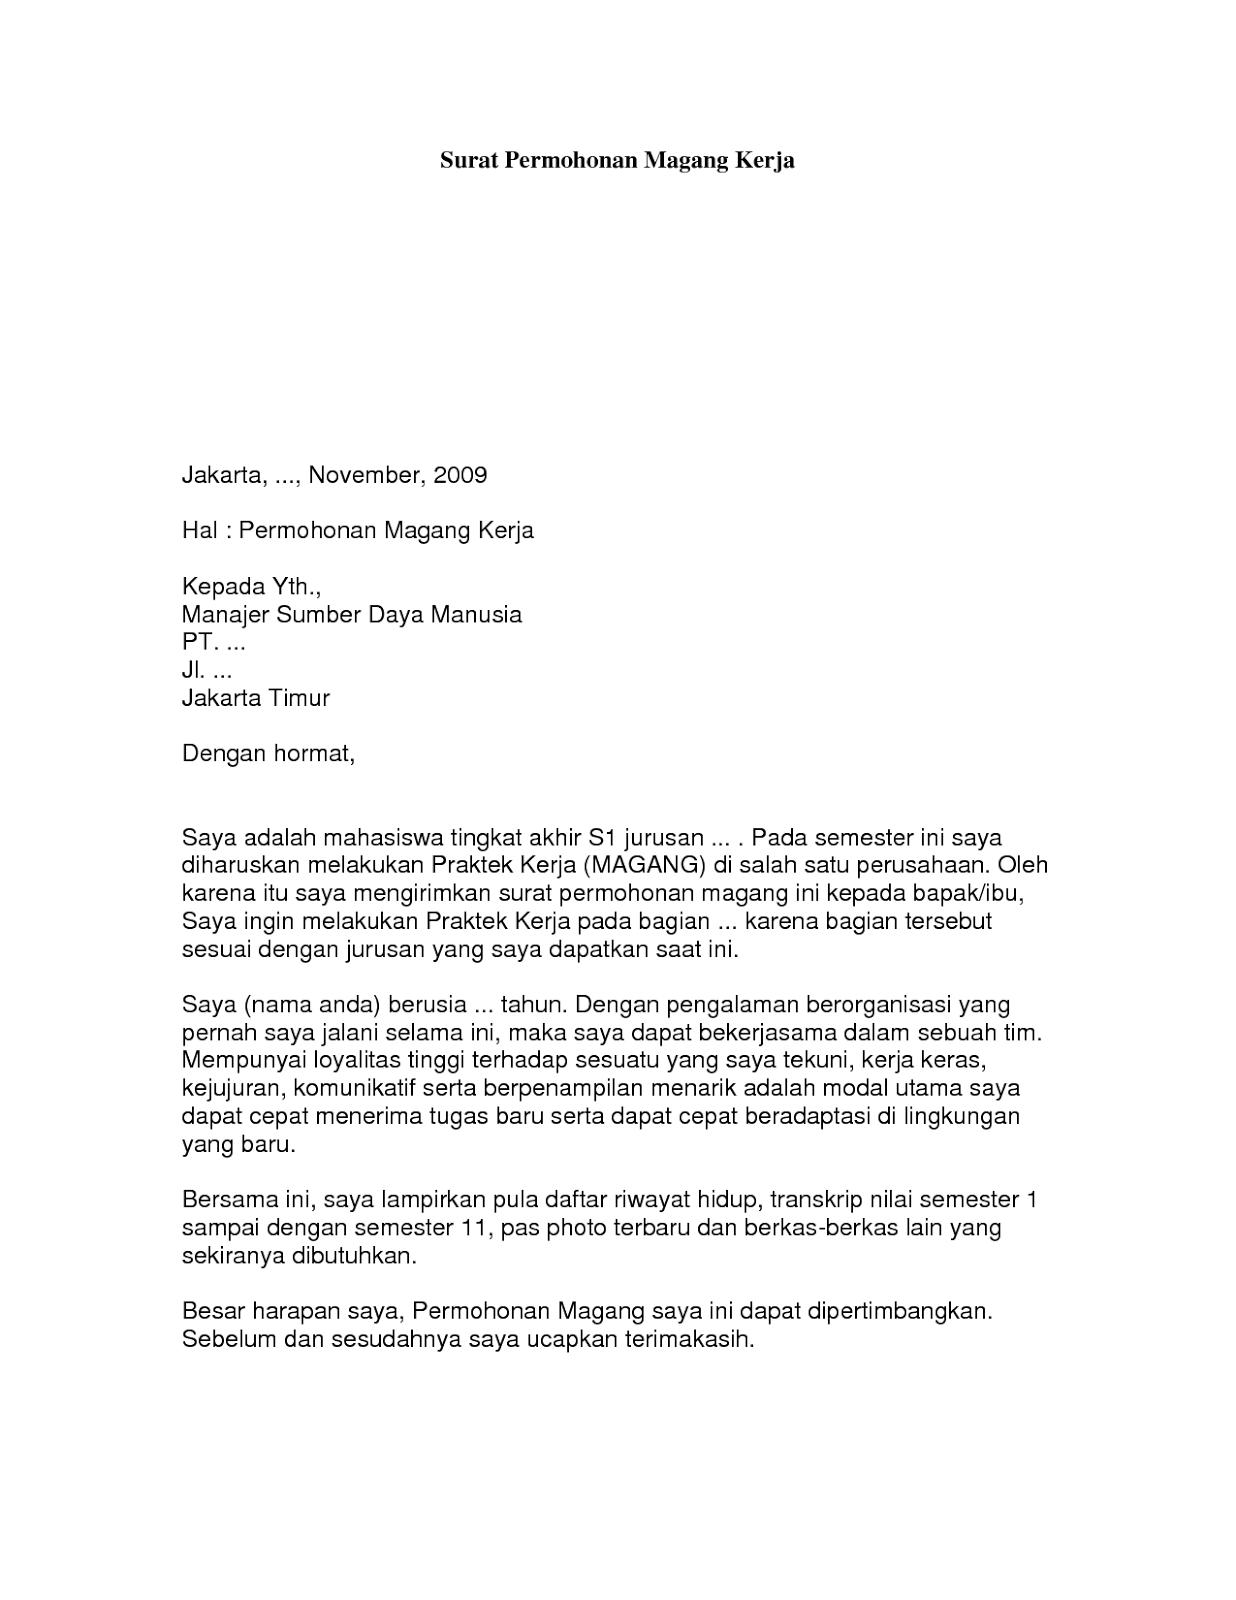 Contoh Surat Magang Kerja Dalam Bahasa Inggris